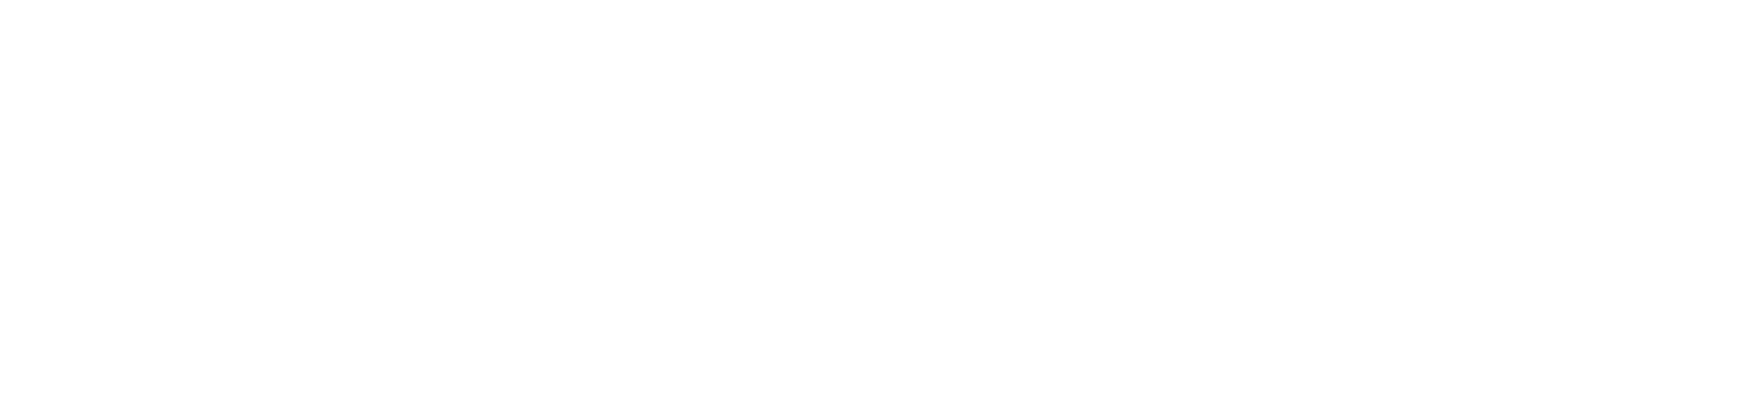 cwm-logo2